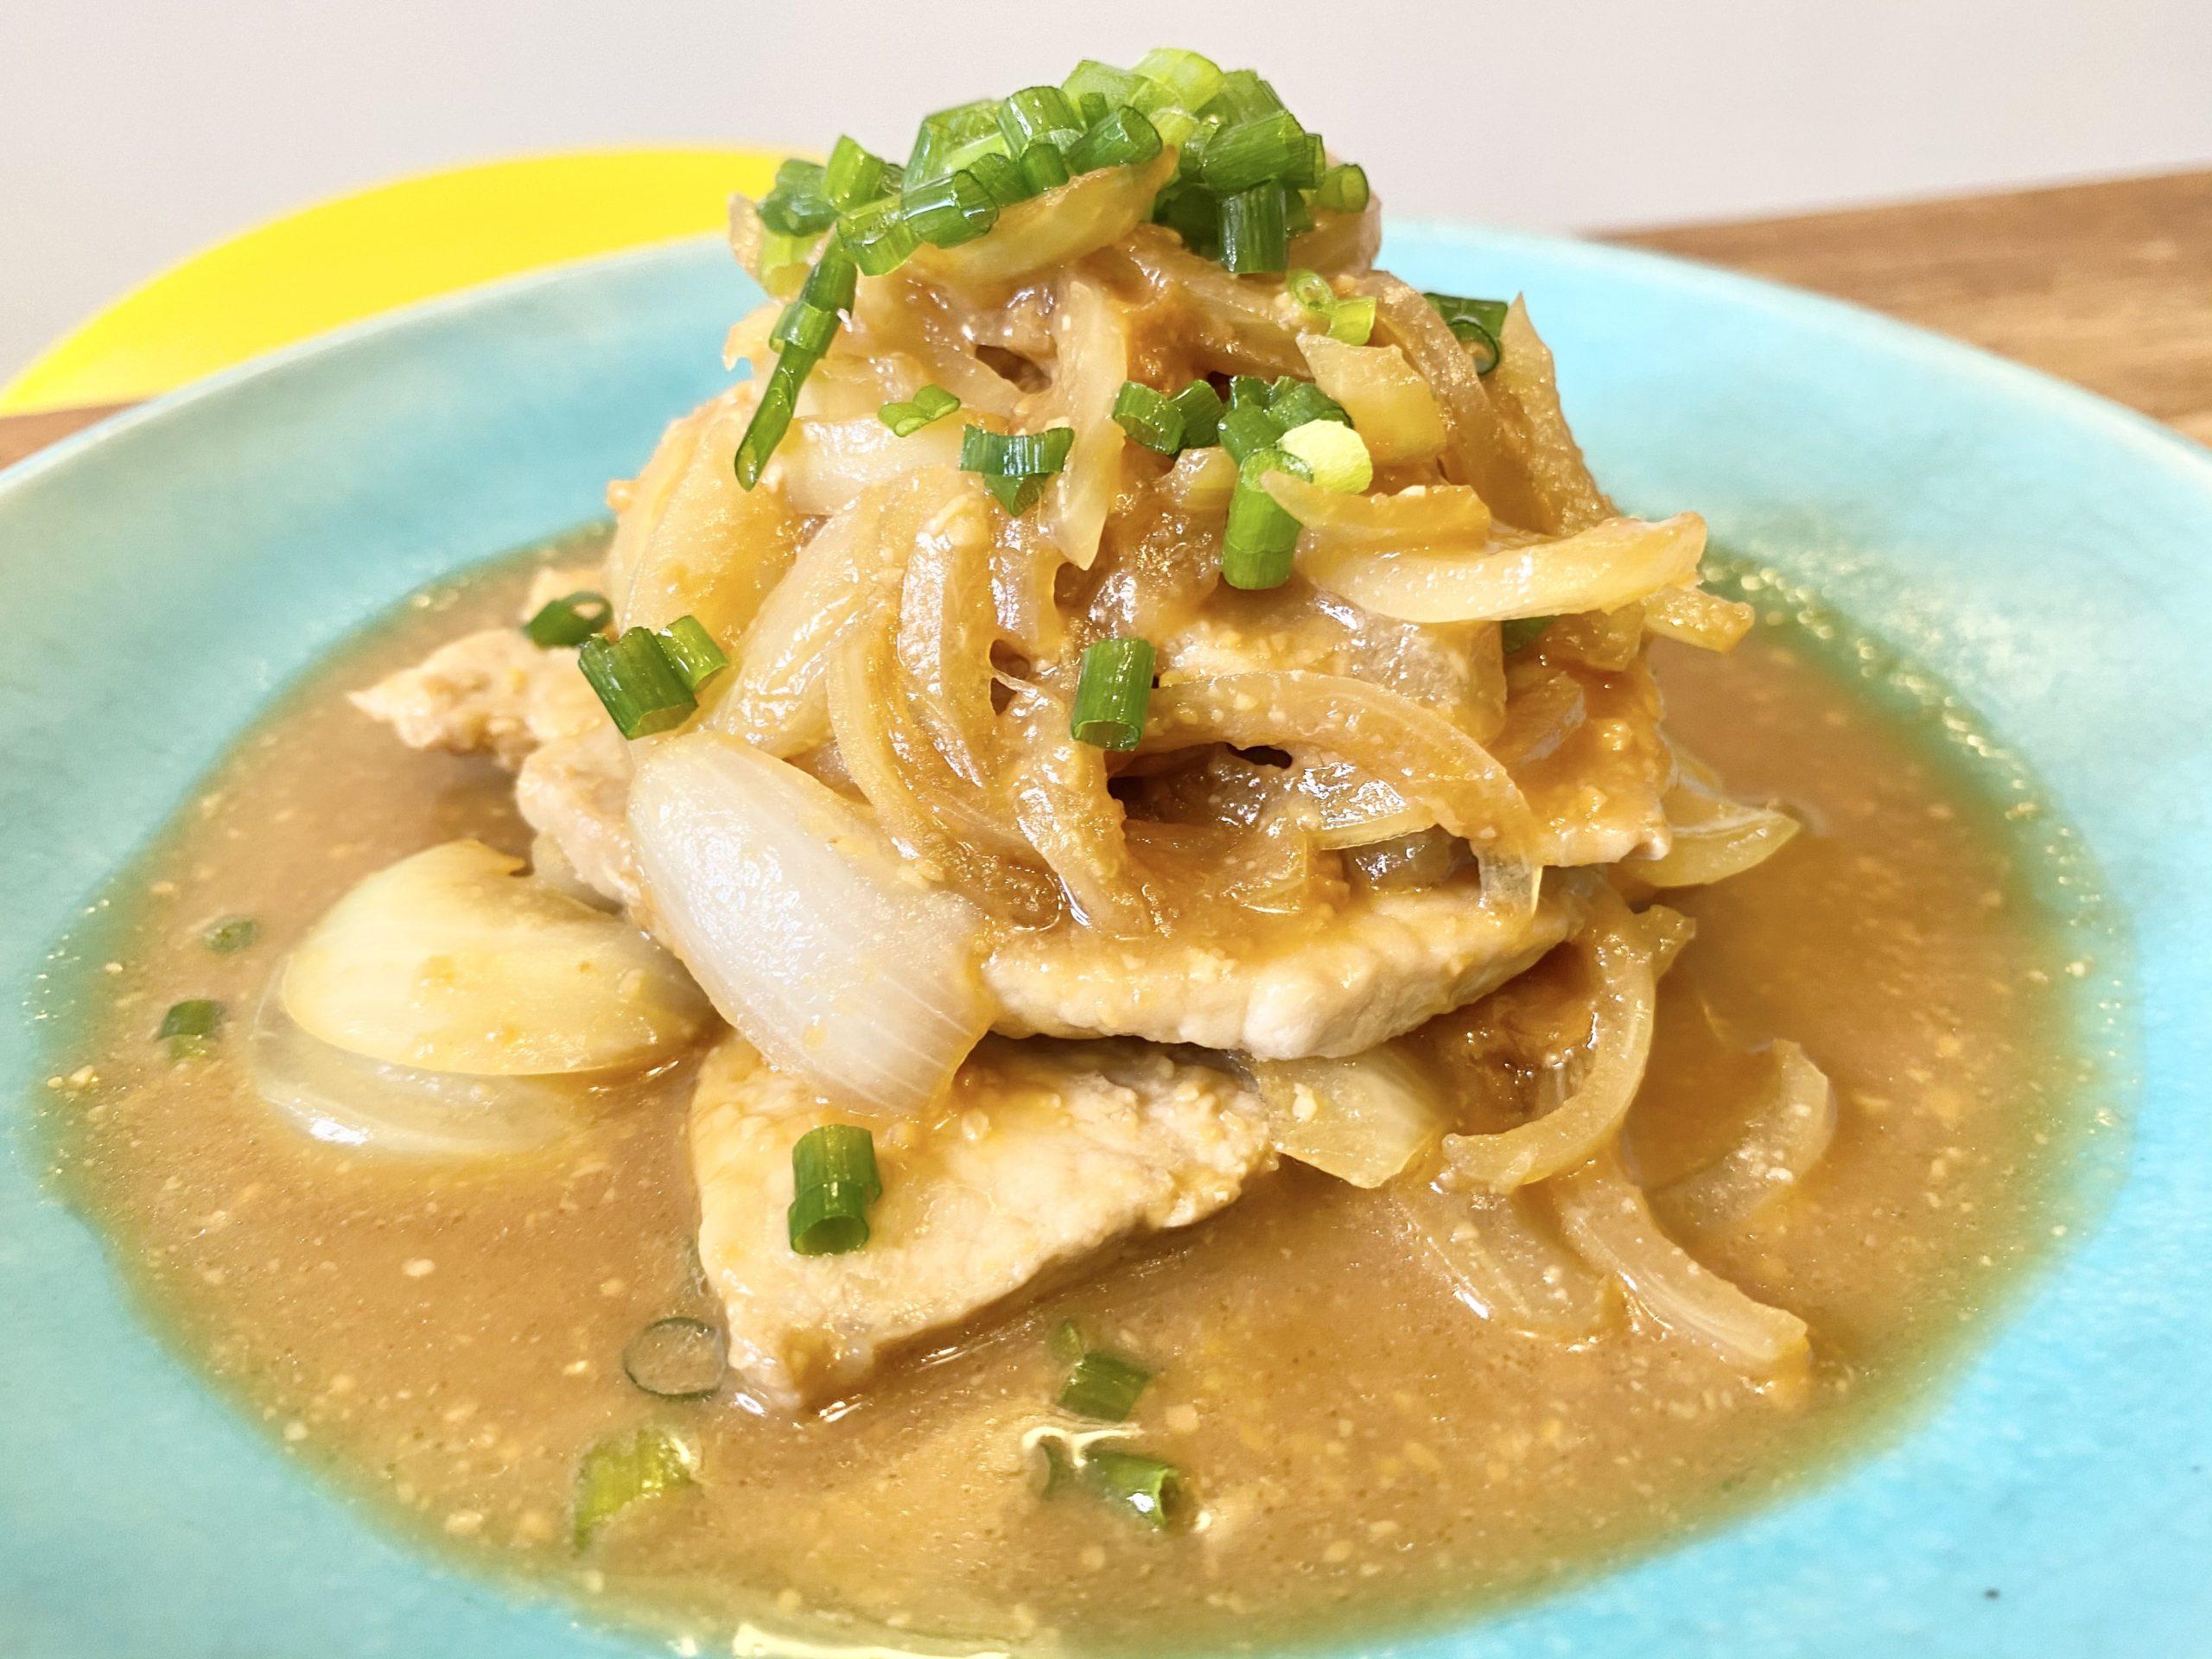 ご飯がススム!「豚肉と玉ねぎの簡単味噌炒め」のレシピ